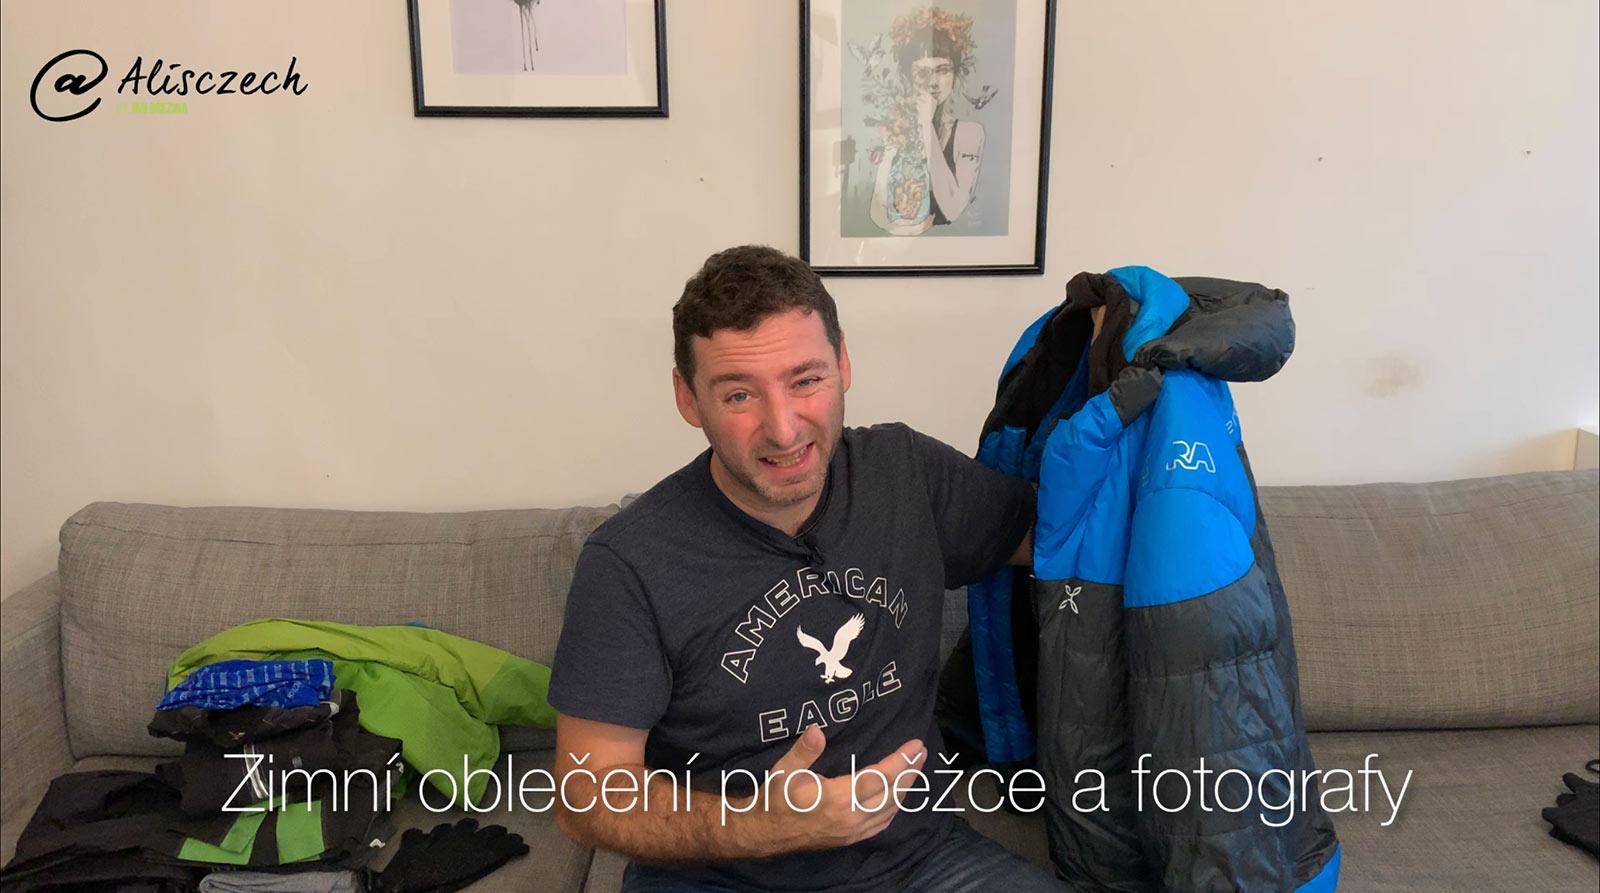 Zimní oblečení pro běžce a fotografy